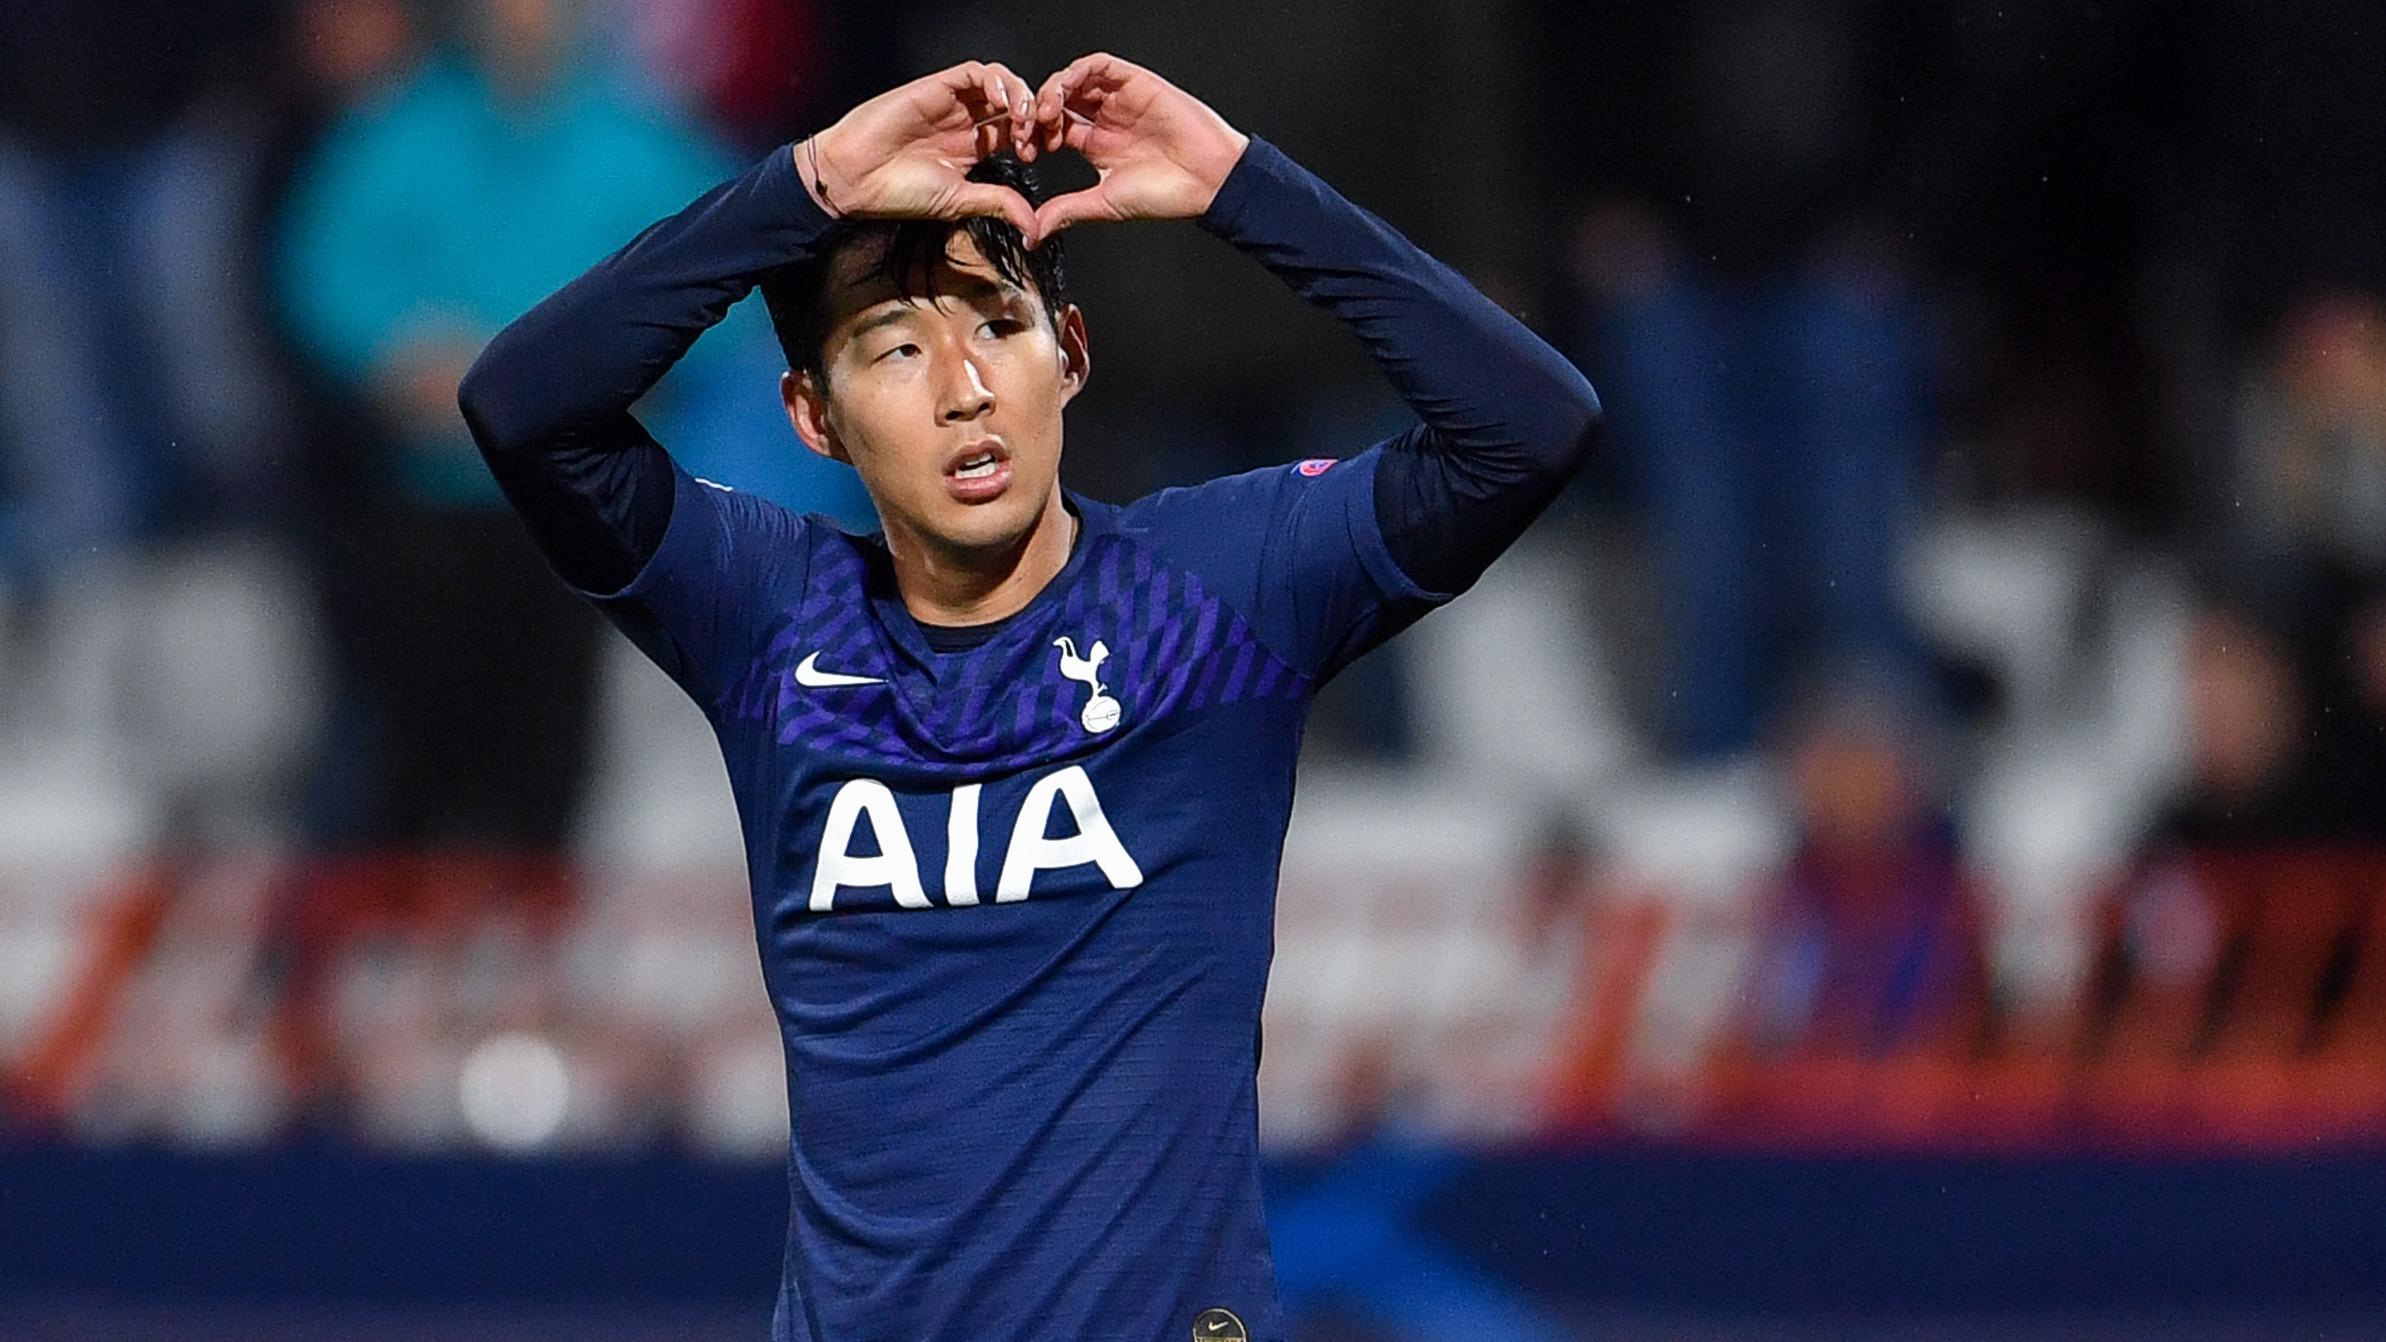 Así se disculpó Son Heung-Min por la falta que le cometió a André Gomes.